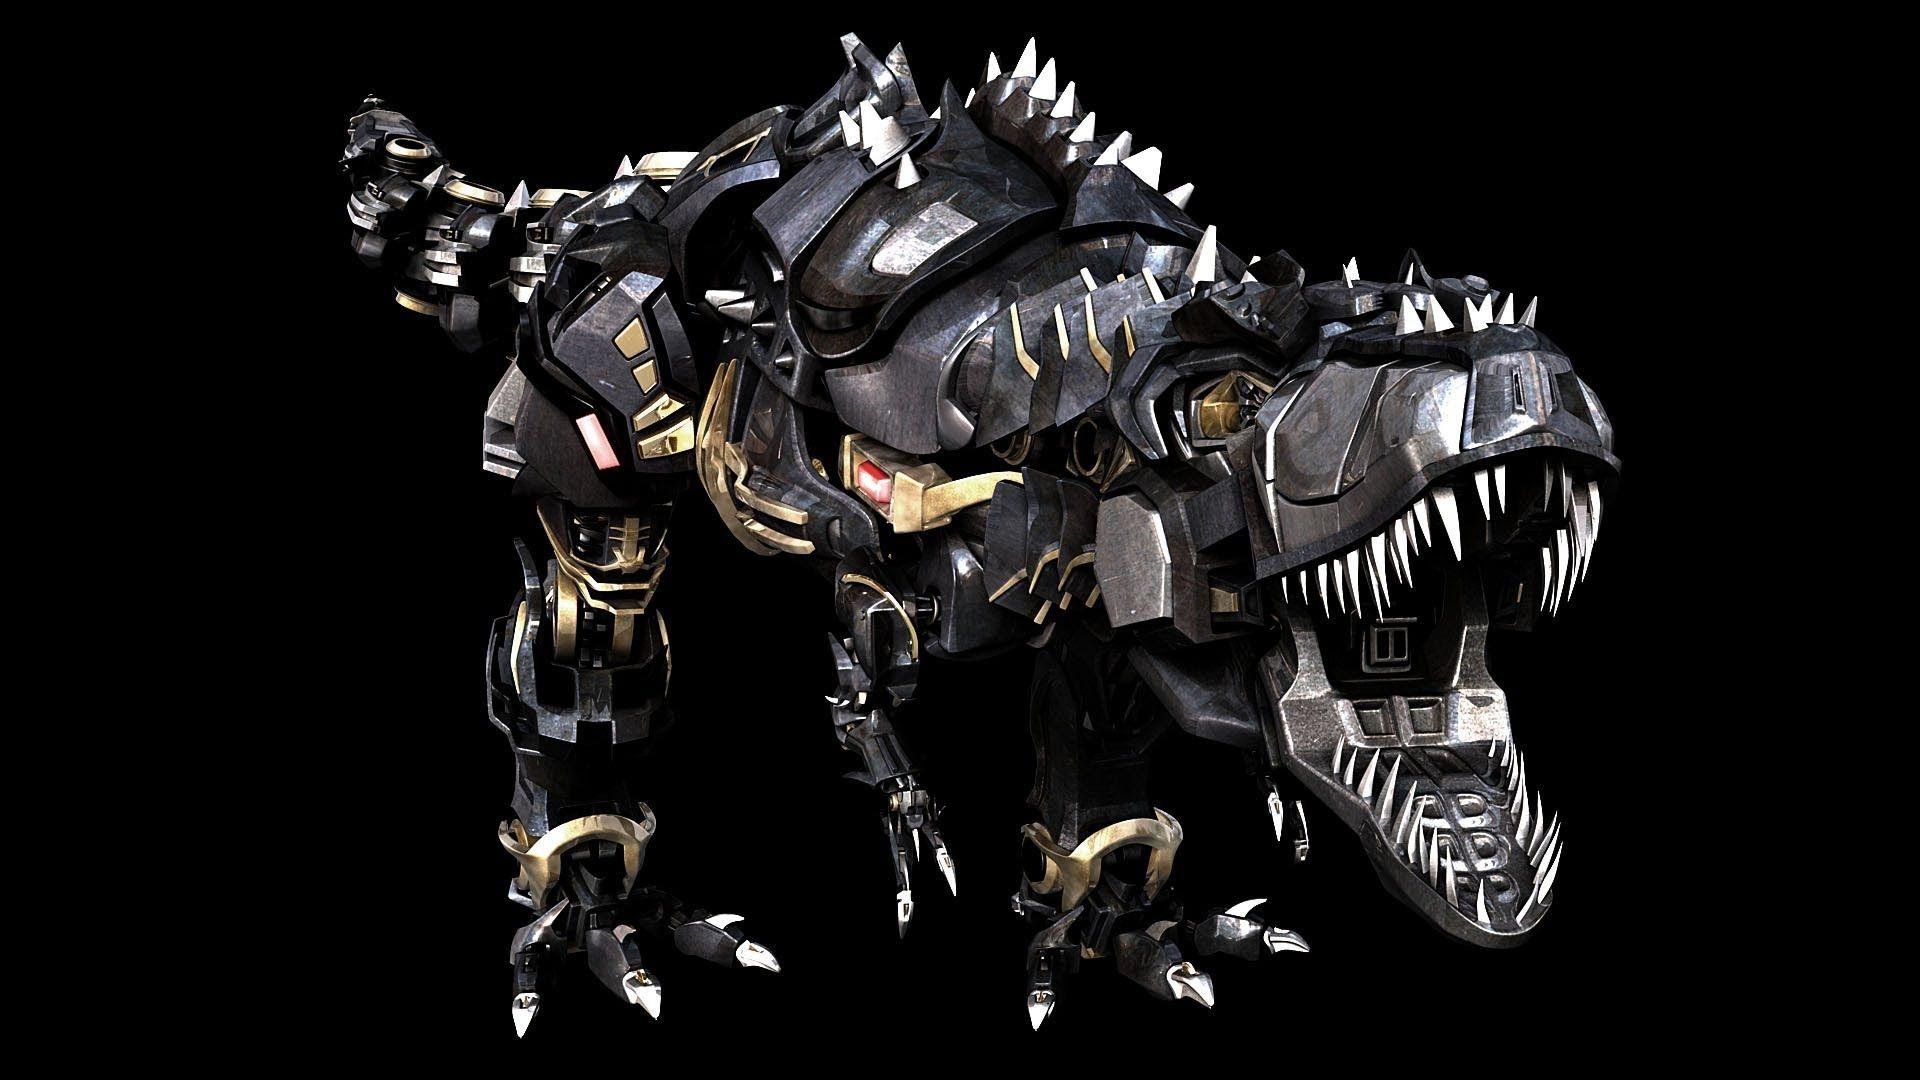 Dinobots Hd Desktop